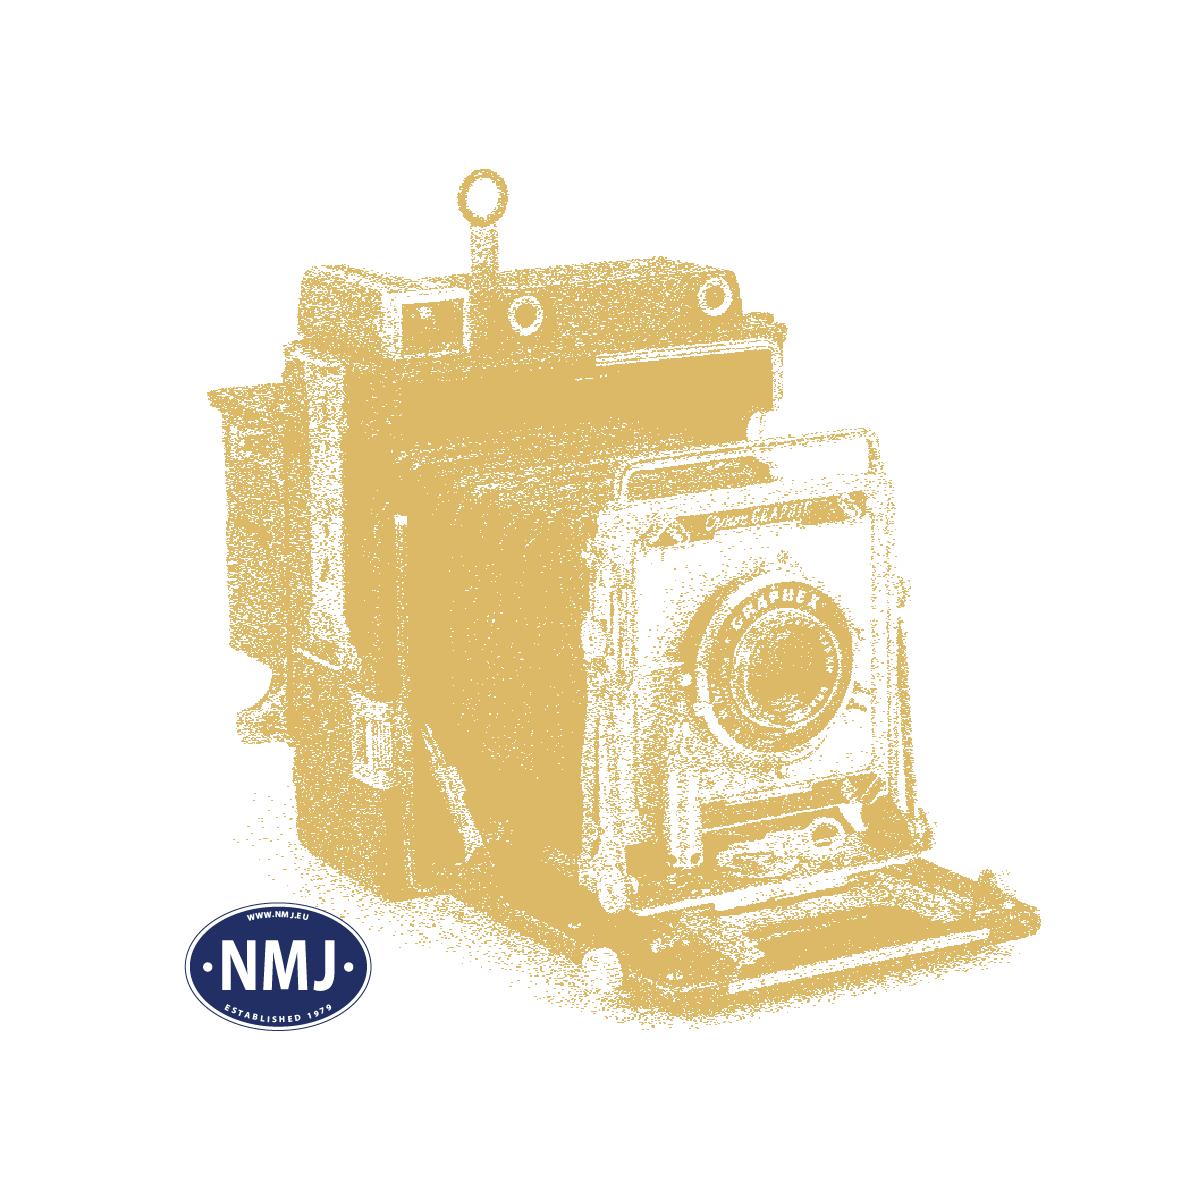 NOC14359 - Utedo, 2 stk, enkelt byggesett